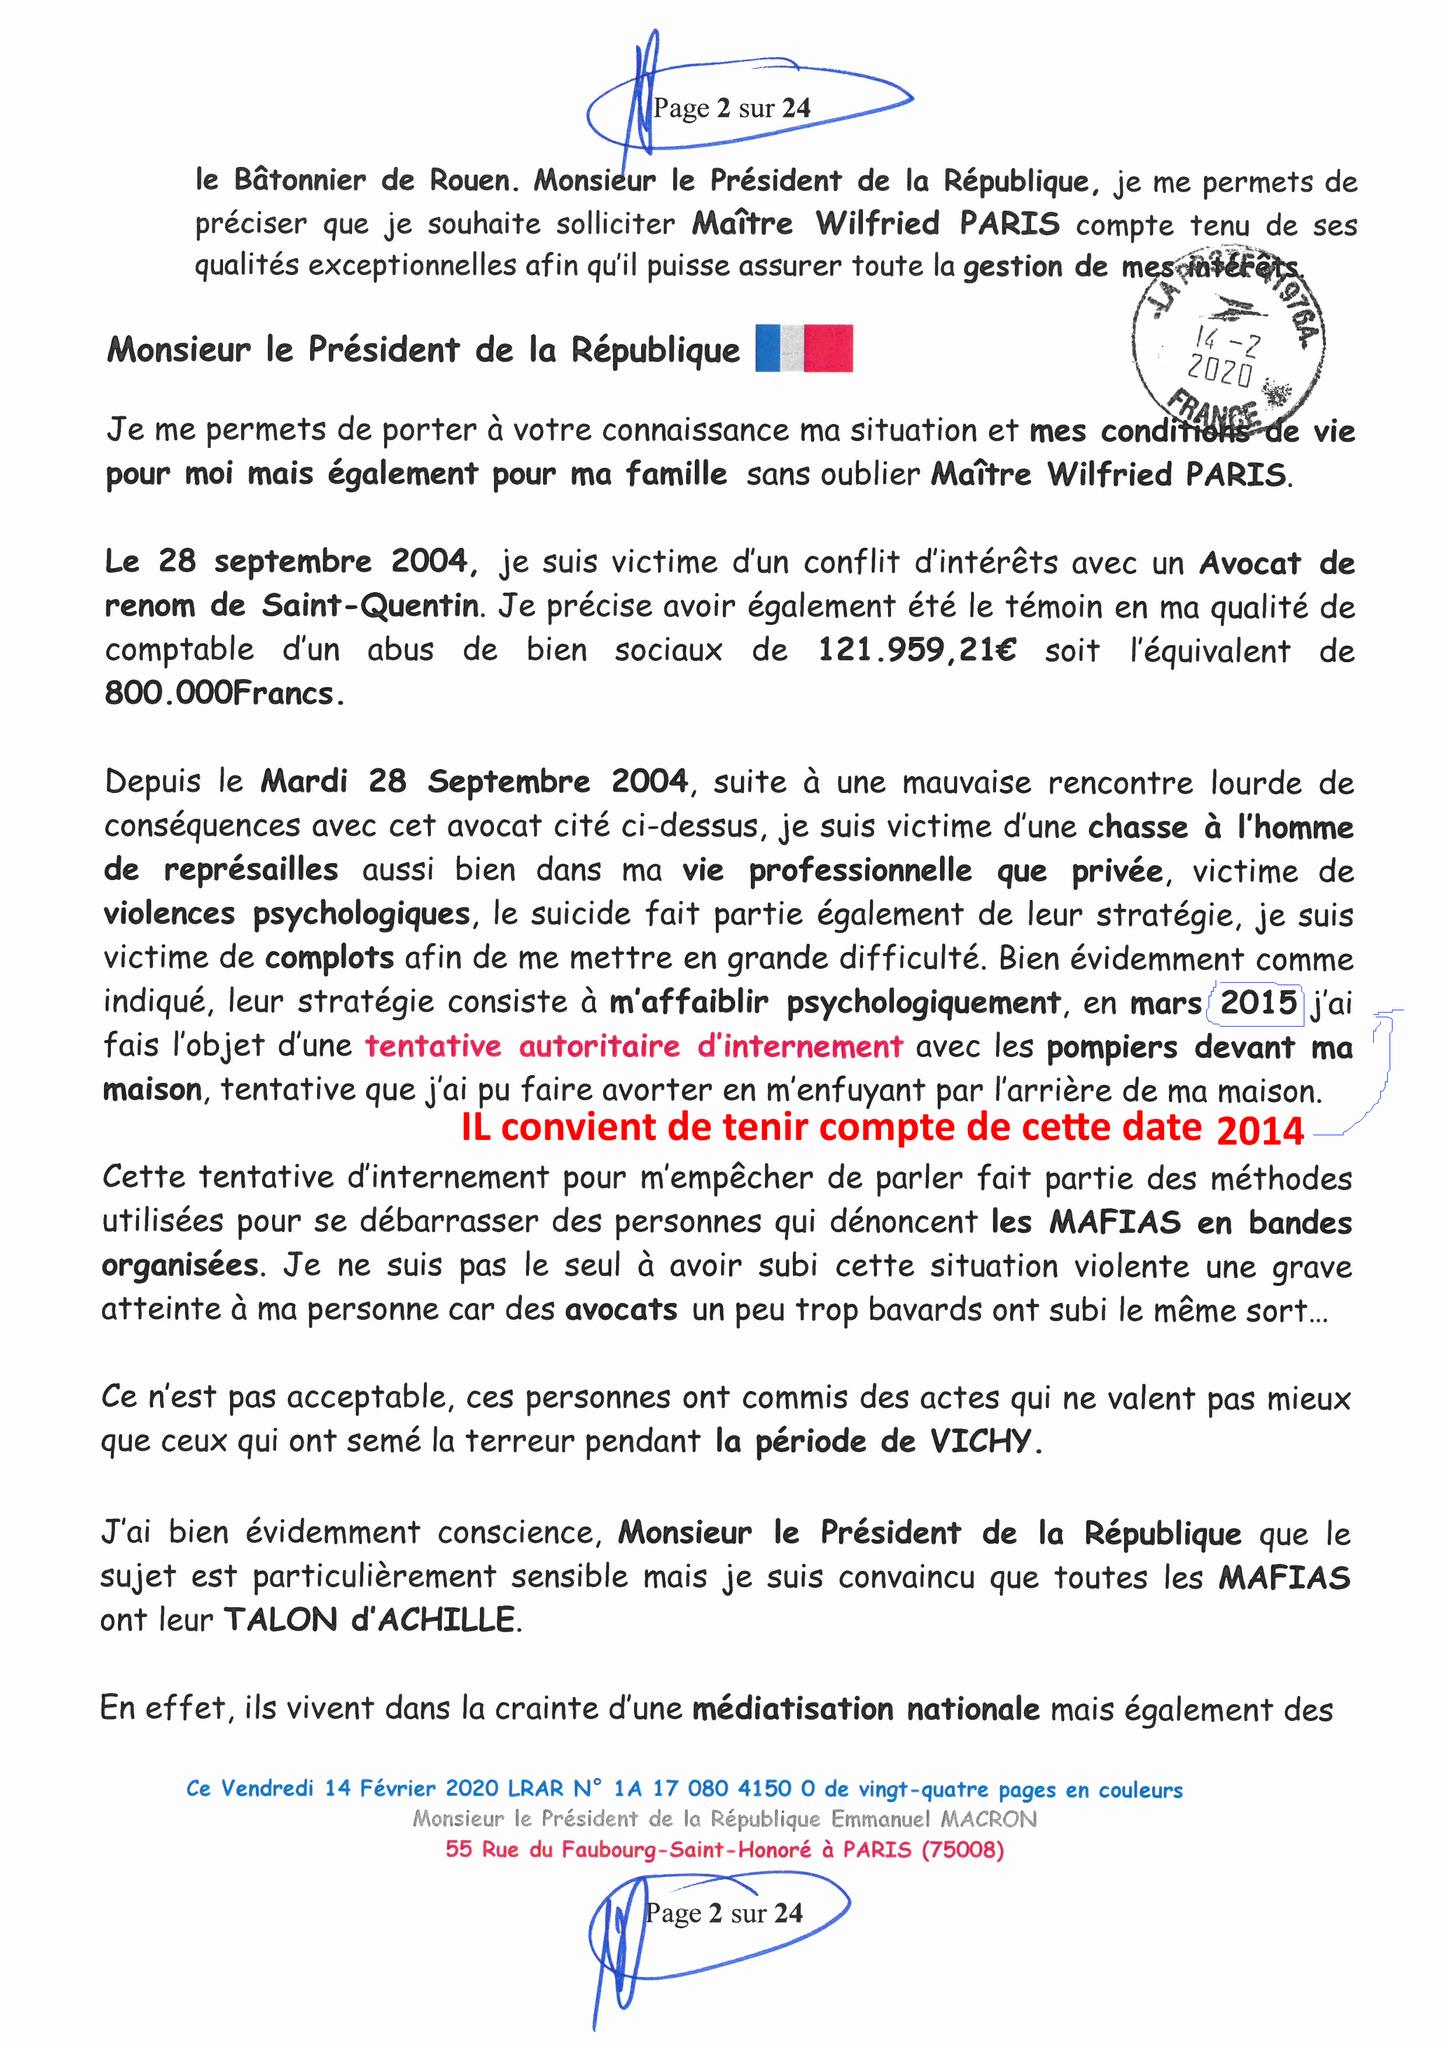 Ma lettre recommandée du 14 Février 2020 N° 1A 178 082 4150 0  page 2 sur 24 en couleur que j'ai adressé à Monsieur Emmanuel MACRON le Président de la République www.jesuispatrick.fr www.jesuisvictime.fr www.alerte-rouge-france.fr